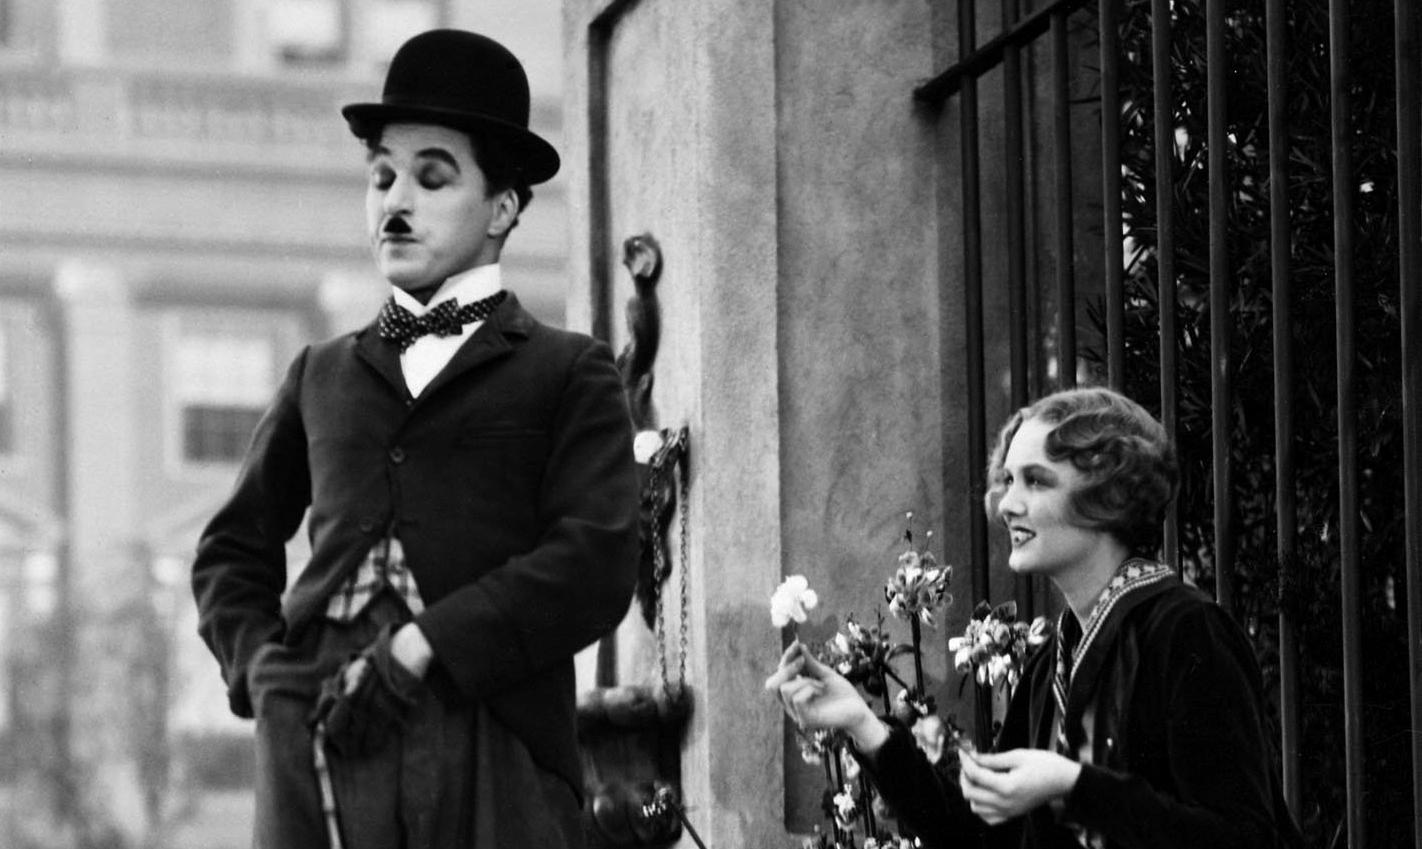 Descrição da imagem: cena em preto e branco dos dois personagens principais de As Luzes da Cidade. É dia e eles estão numa calçada. O homem veste um fraque velho, gravata borboleta e chapéu-côco. A jovem florista cega está à direita, de perfil. Ela segura uma flor com a ponta dos dedos e sorri. Fim da descrição.